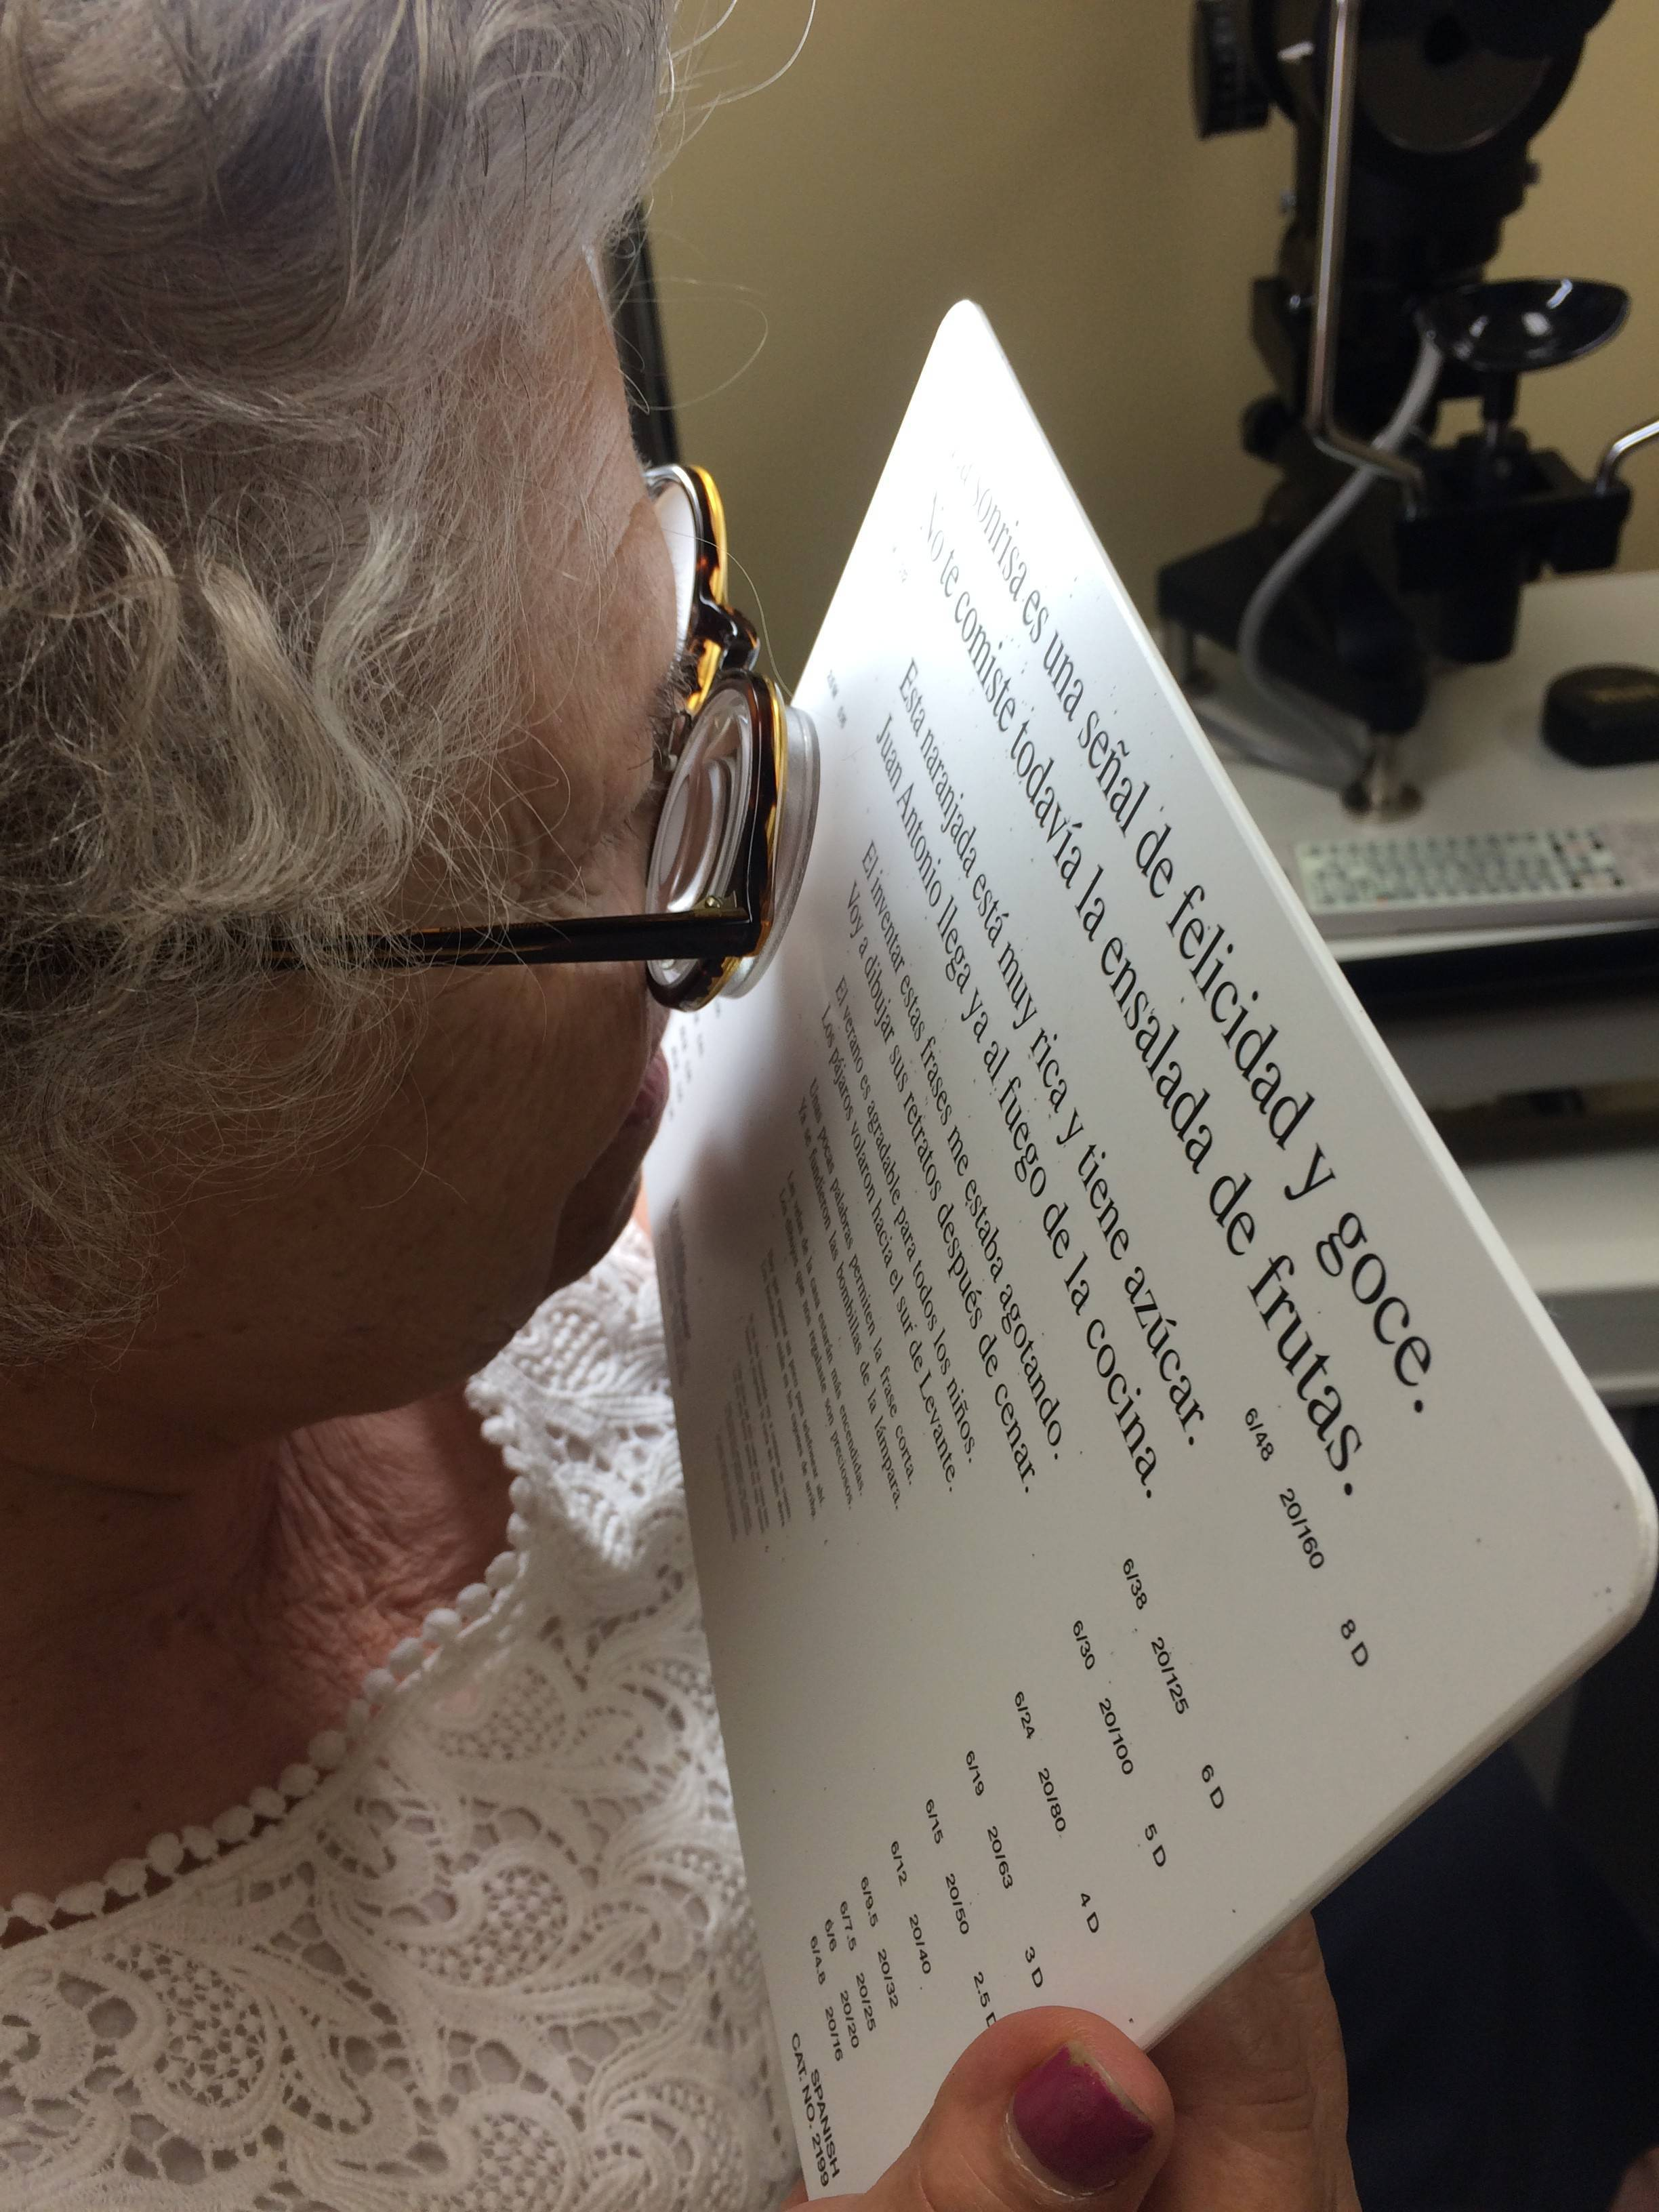 High Power Microscope Glasses for reading e1472054506542